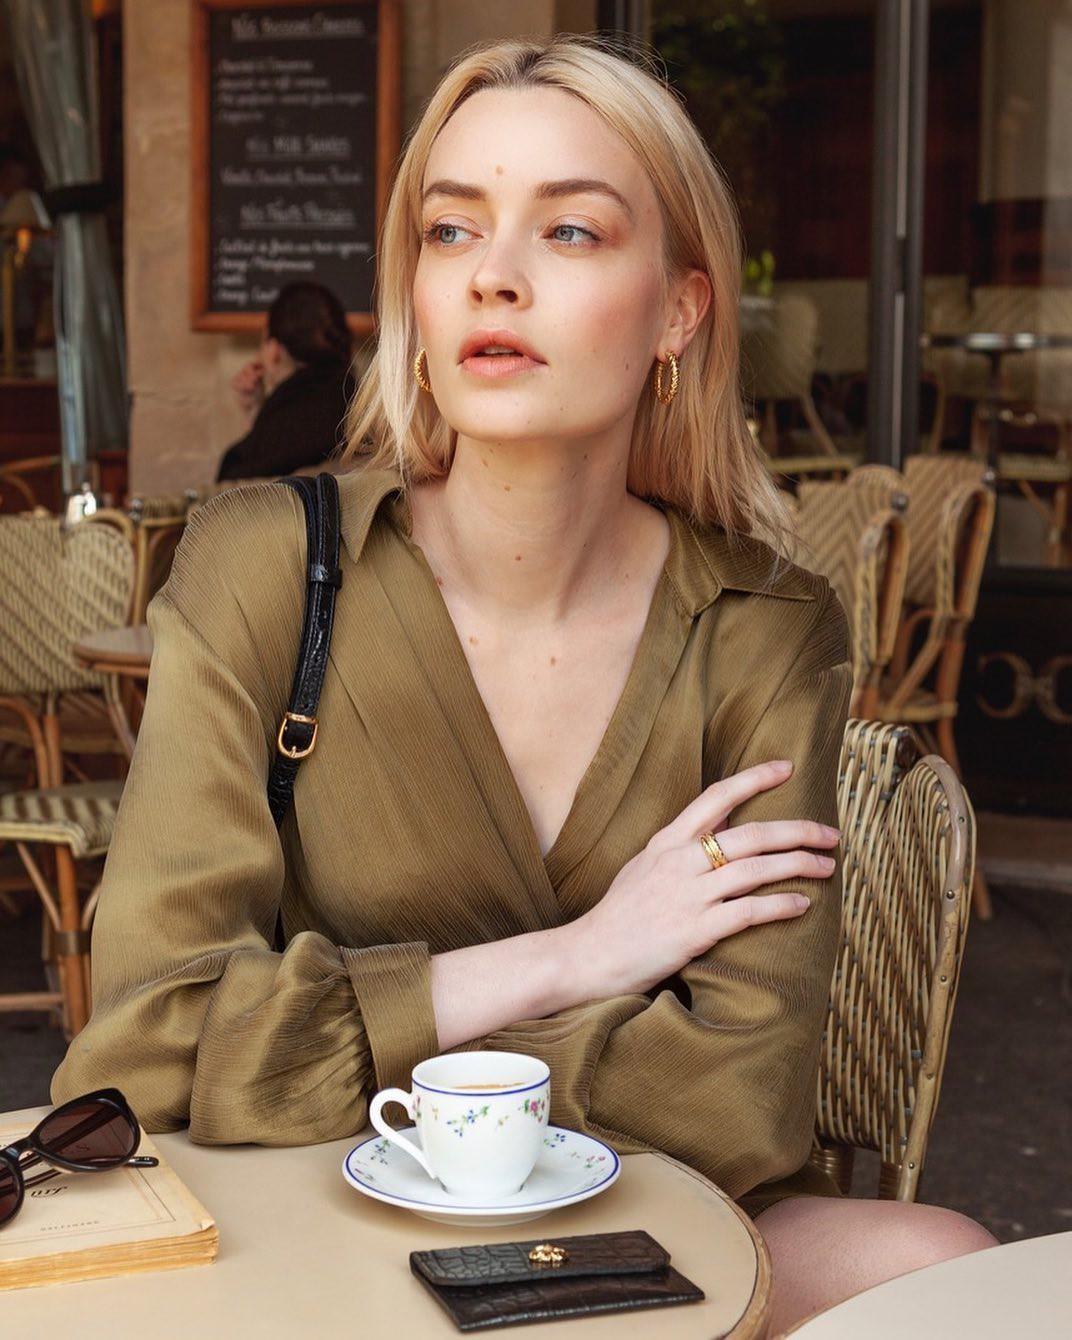 Một buổi sáng chăm da và makeup của phụ nữ Pháp: Mọi thứ đều tối giản nhưng cho hiệu quả tối đa-3